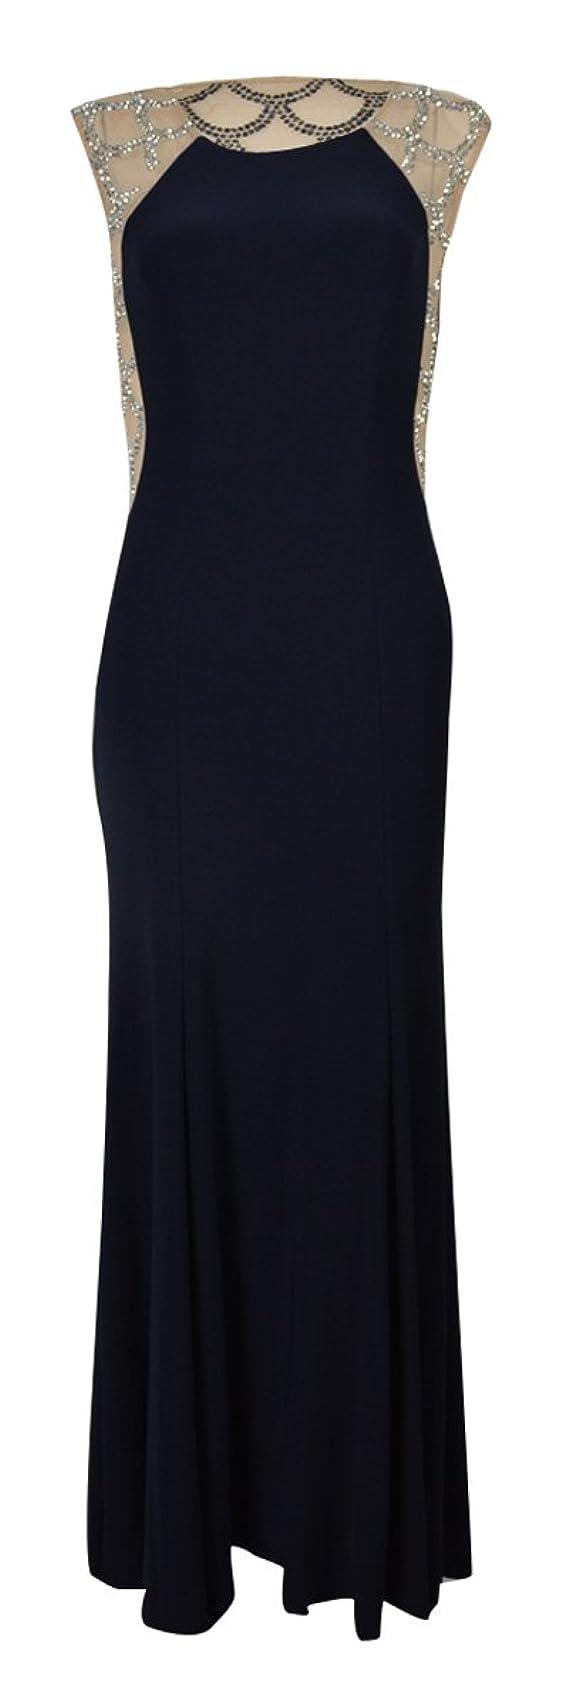 Xscape Navy Nude Beaded Sleeveless Women's Maxi Dress